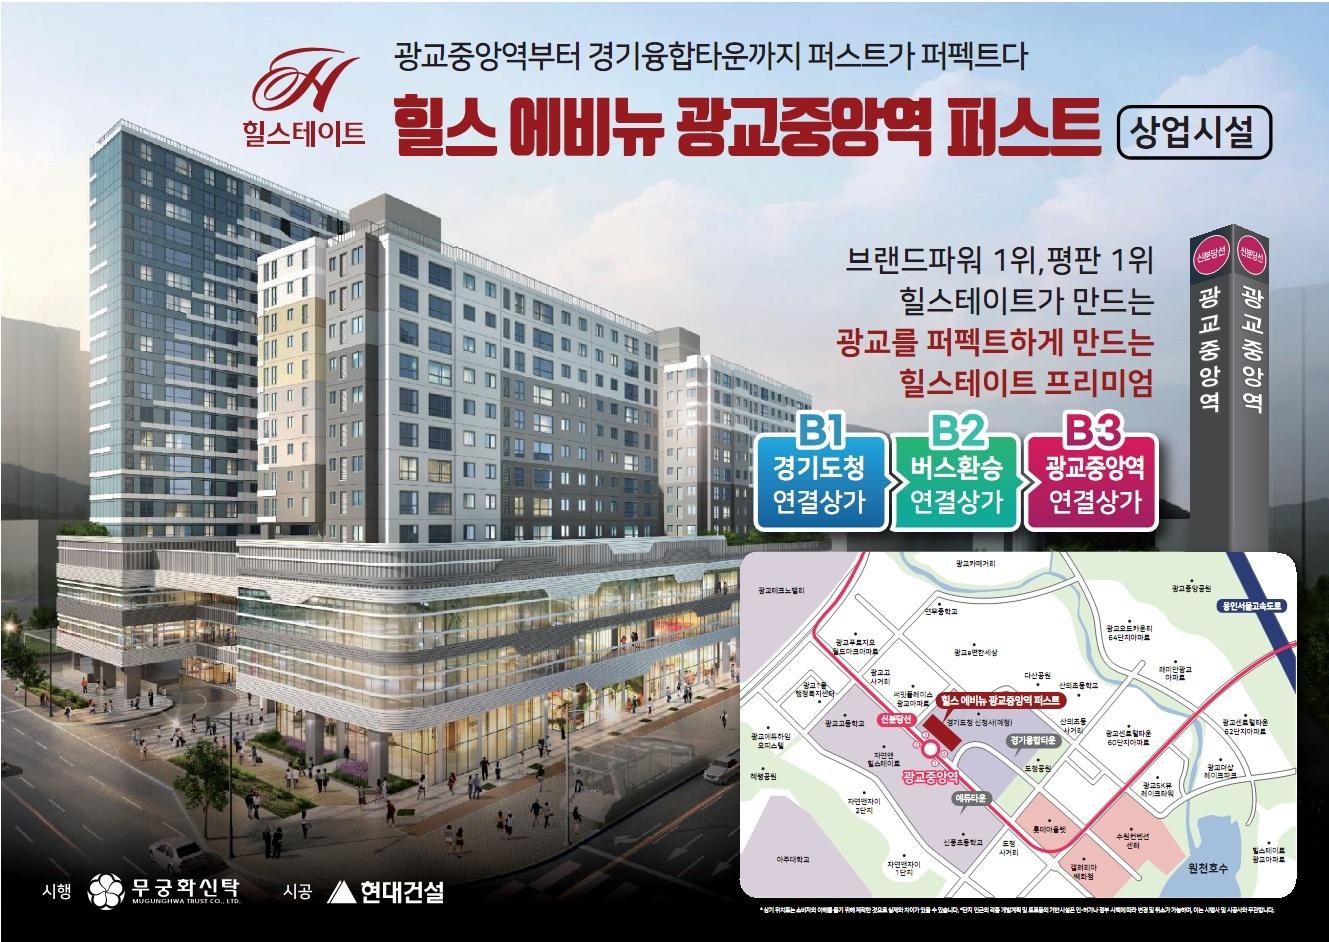 힐스데이트 광교중앙역 퍼스트 상가분양